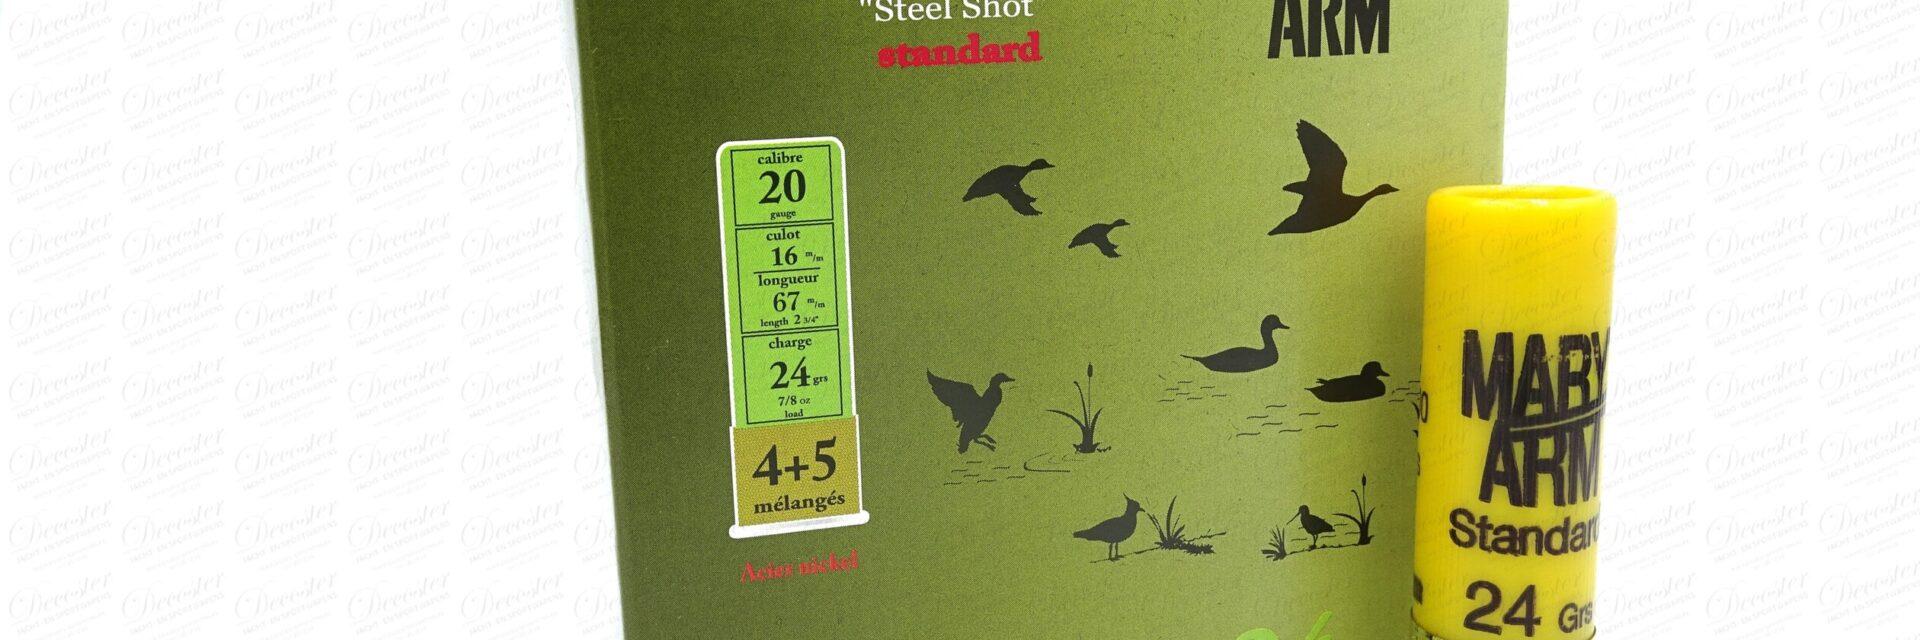 Steel Nickelé 4+5 24gr Cal20